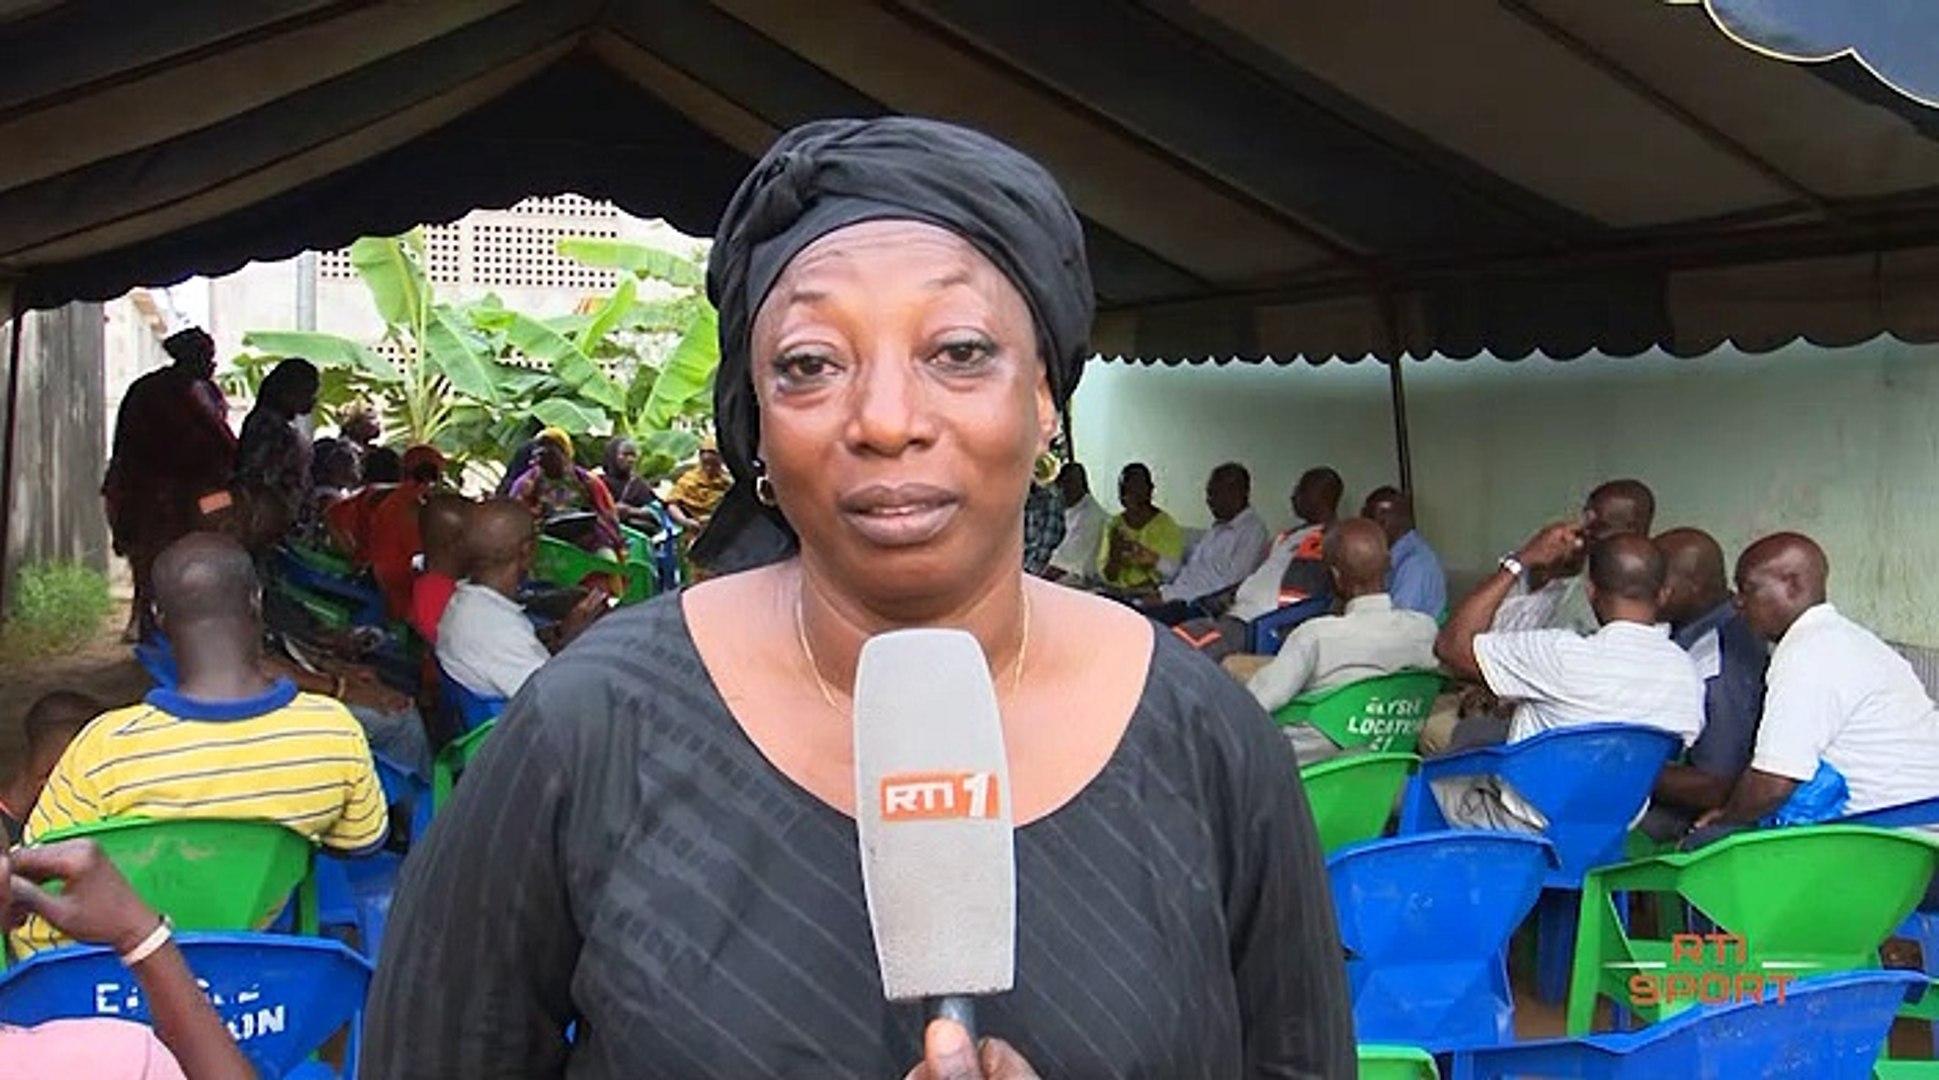 Karaté | Les condoléances des karatékas à la famille de Sanogo